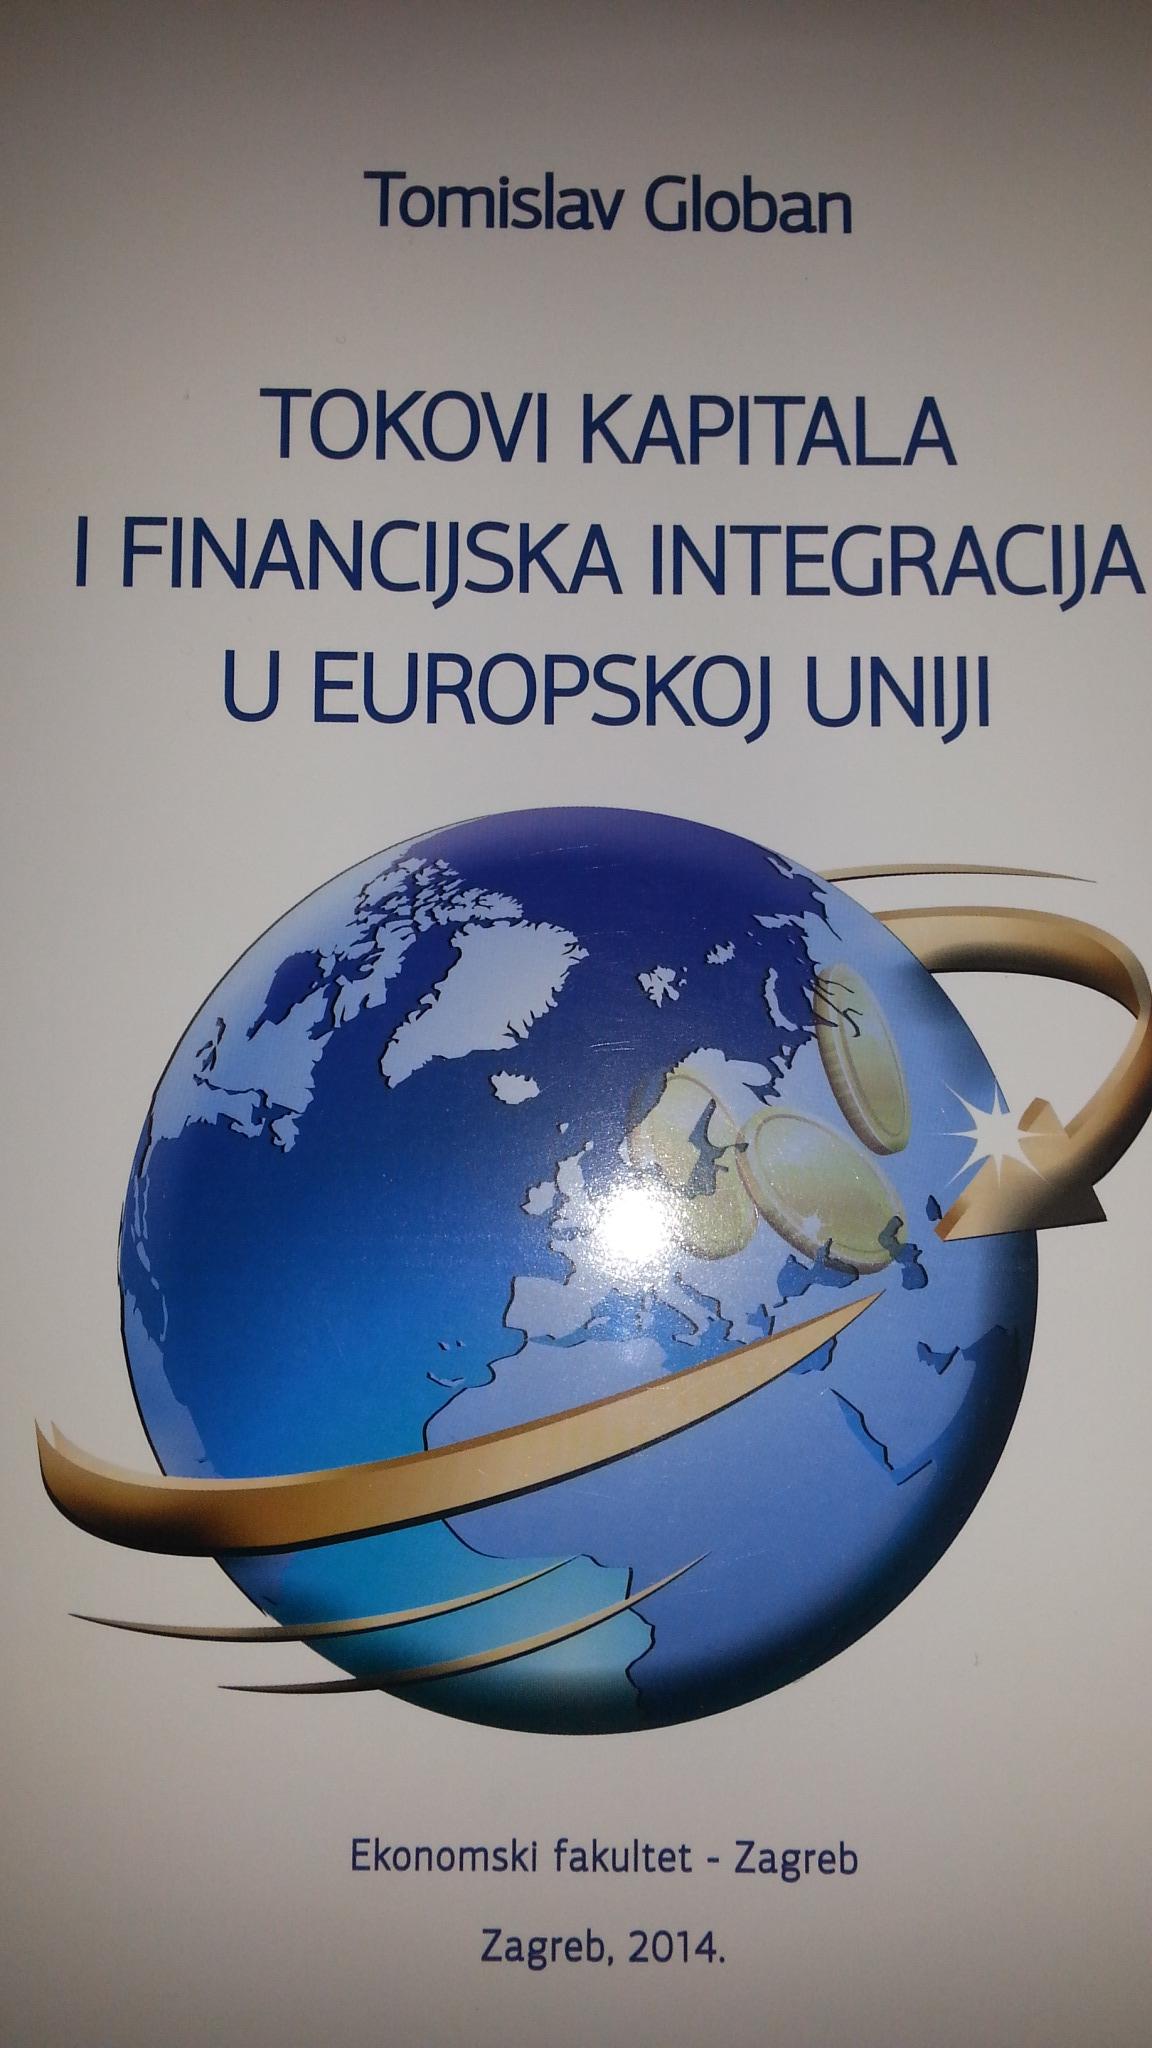 TOKOVI KAPITALA I FINANCIJSKA INTEGRACIJA U EUROPSKOJ UNIJI